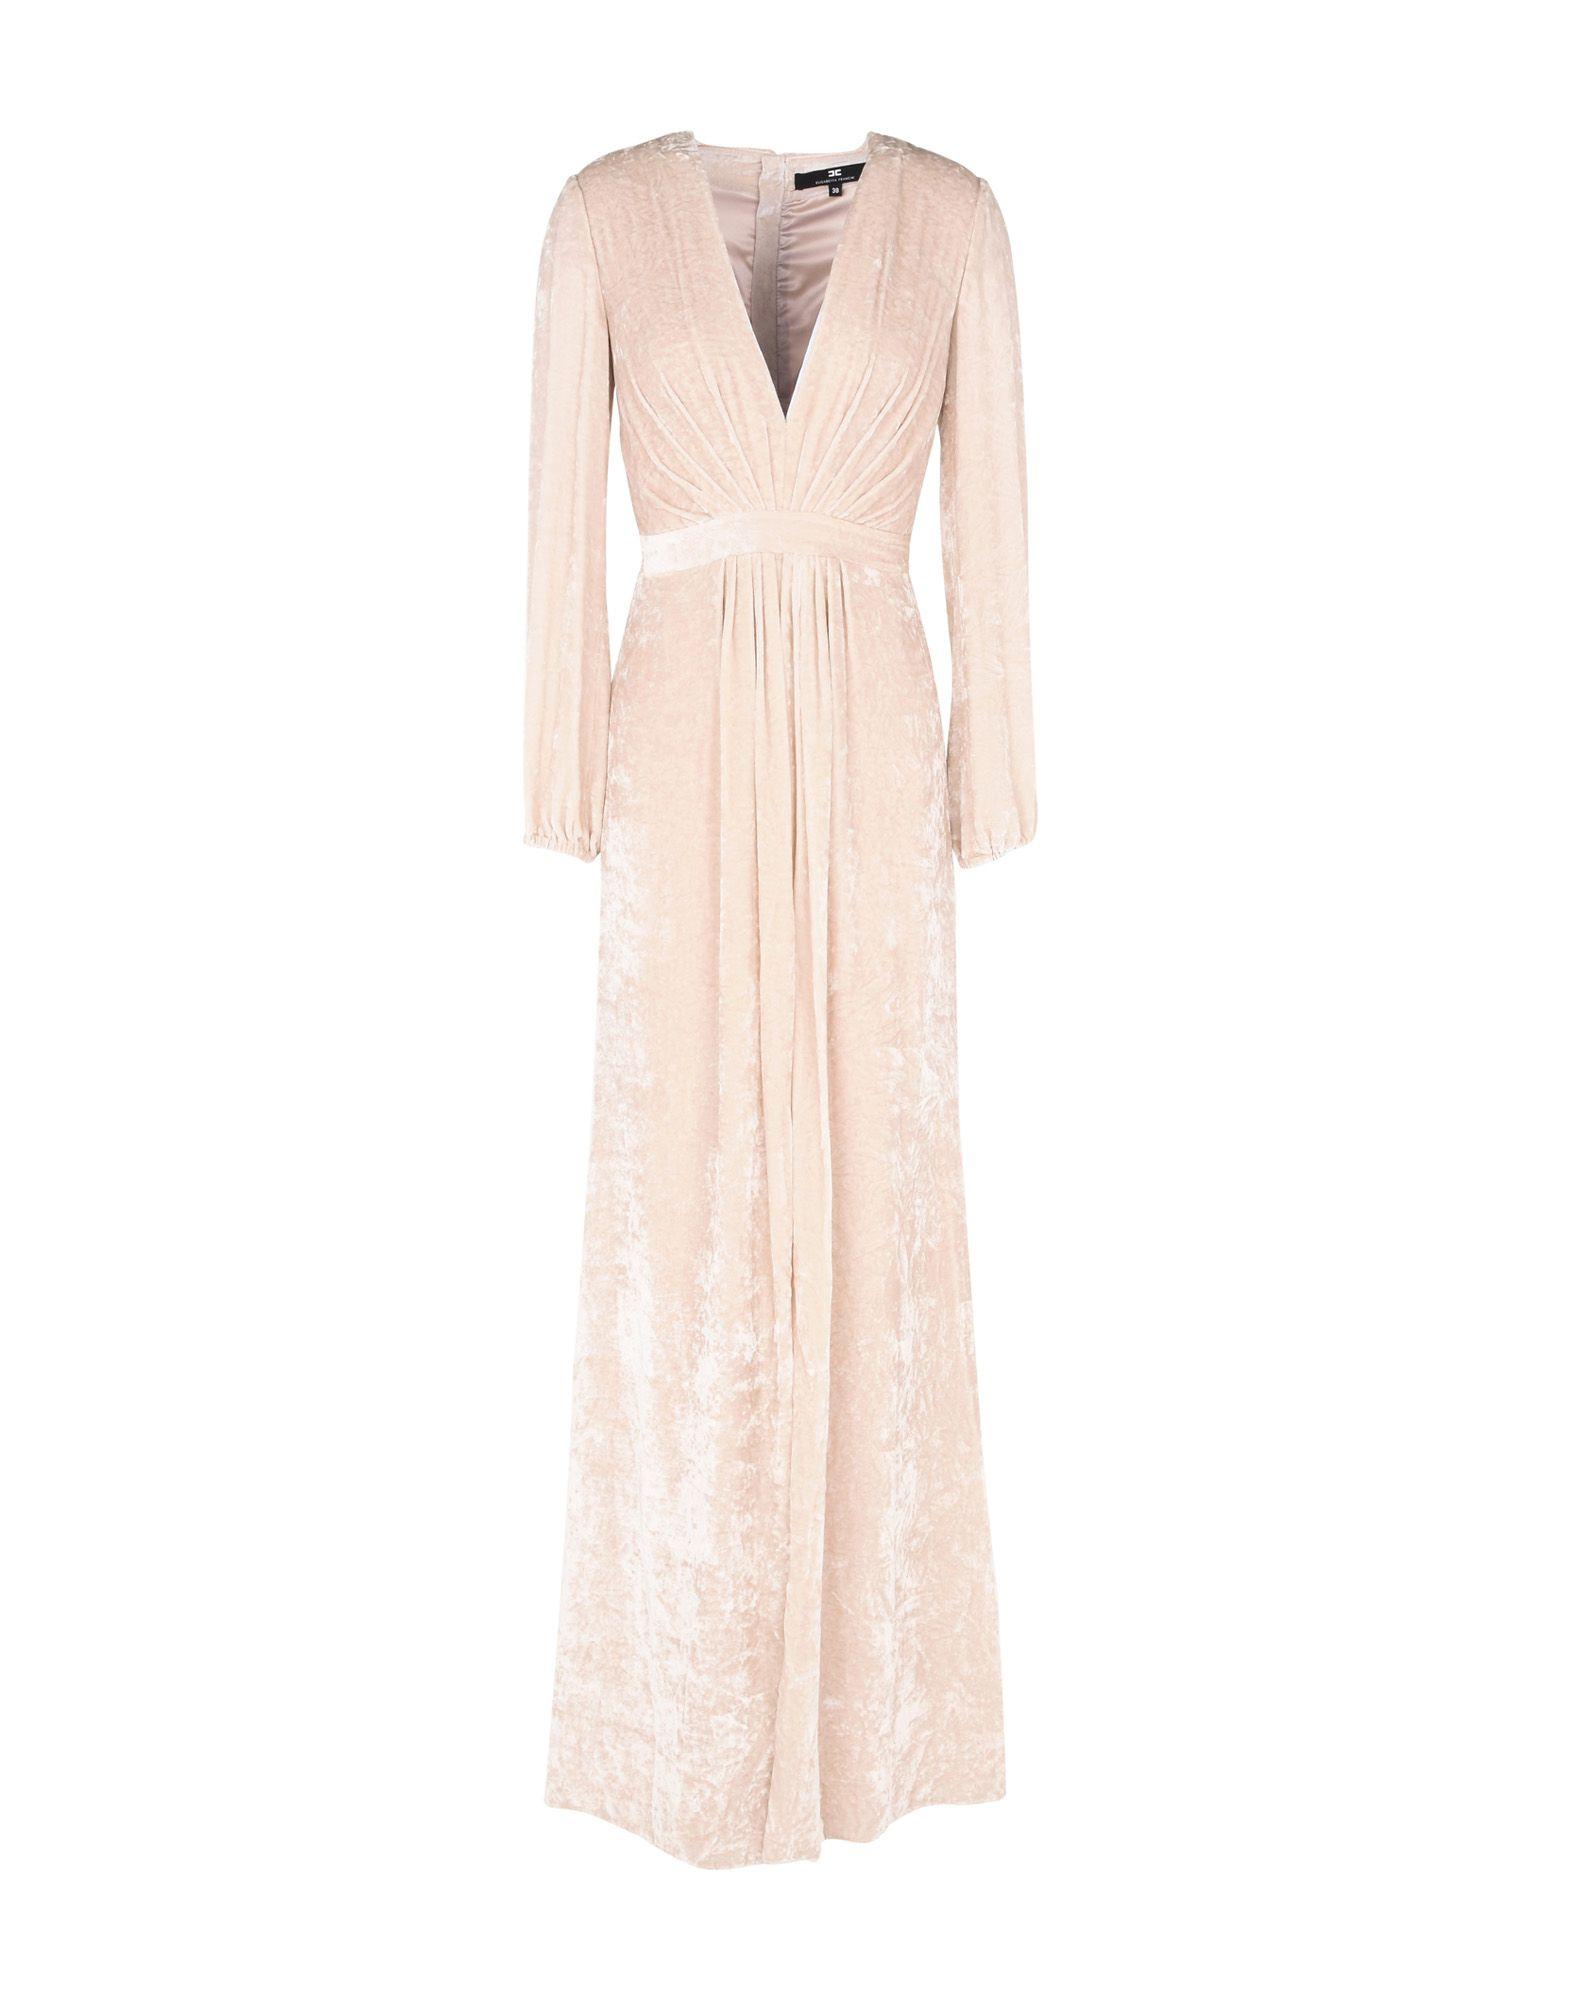 ELISABETTA FRANCHI Длинное платье платье короткое спереди длинное сзади летнее